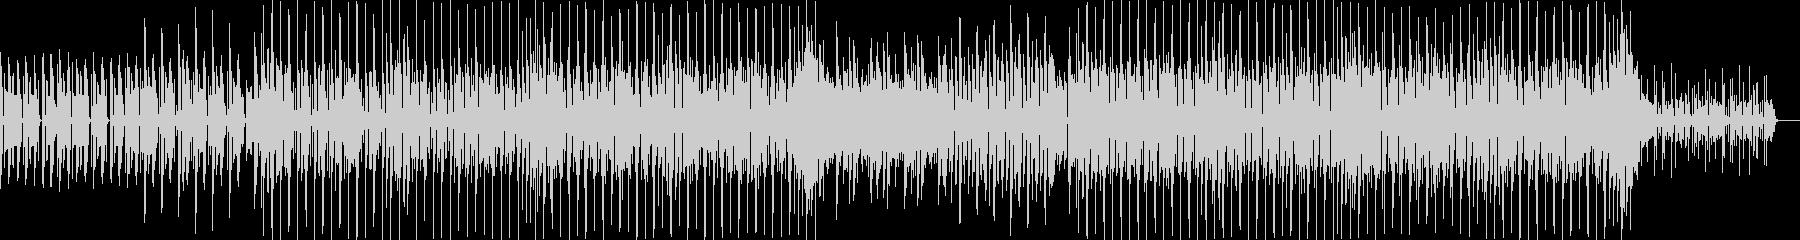 ノリノリで陽気なファンク/80sディスコの未再生の波形